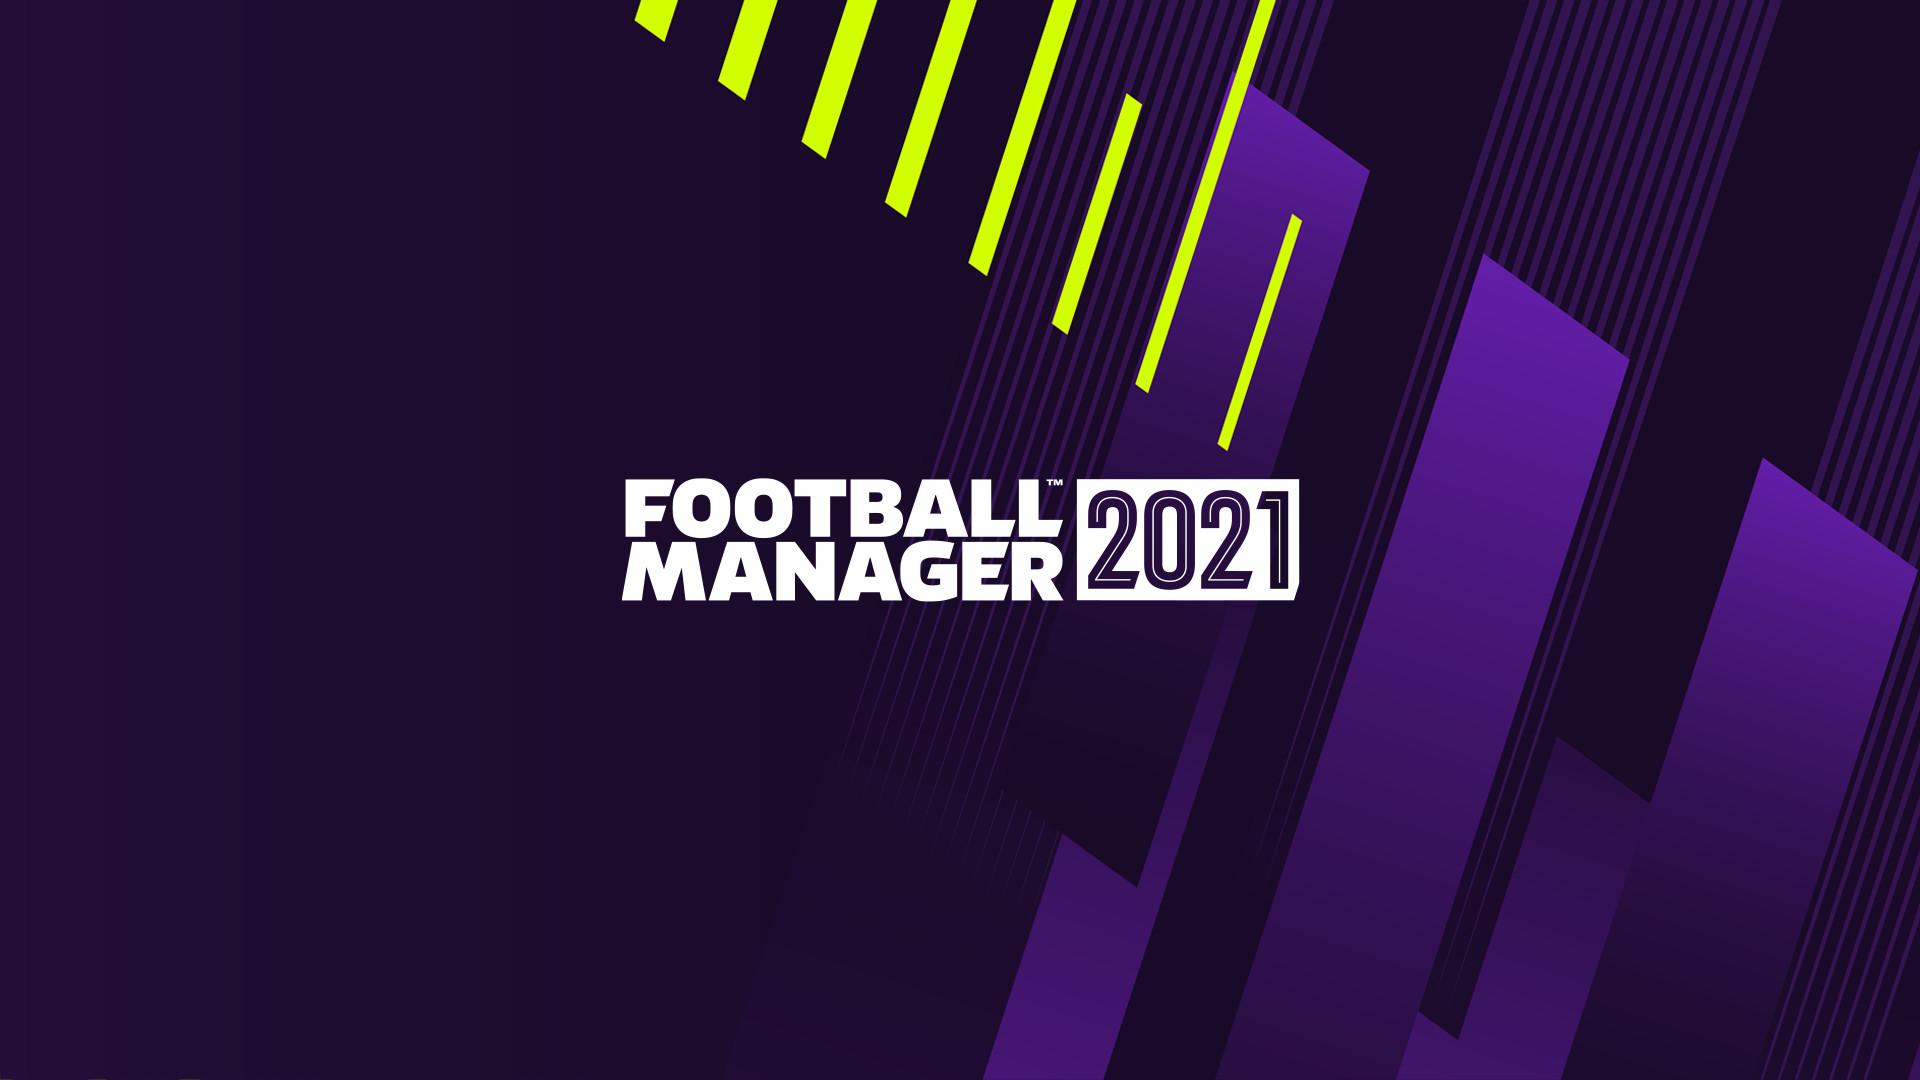 足球经理2021图片